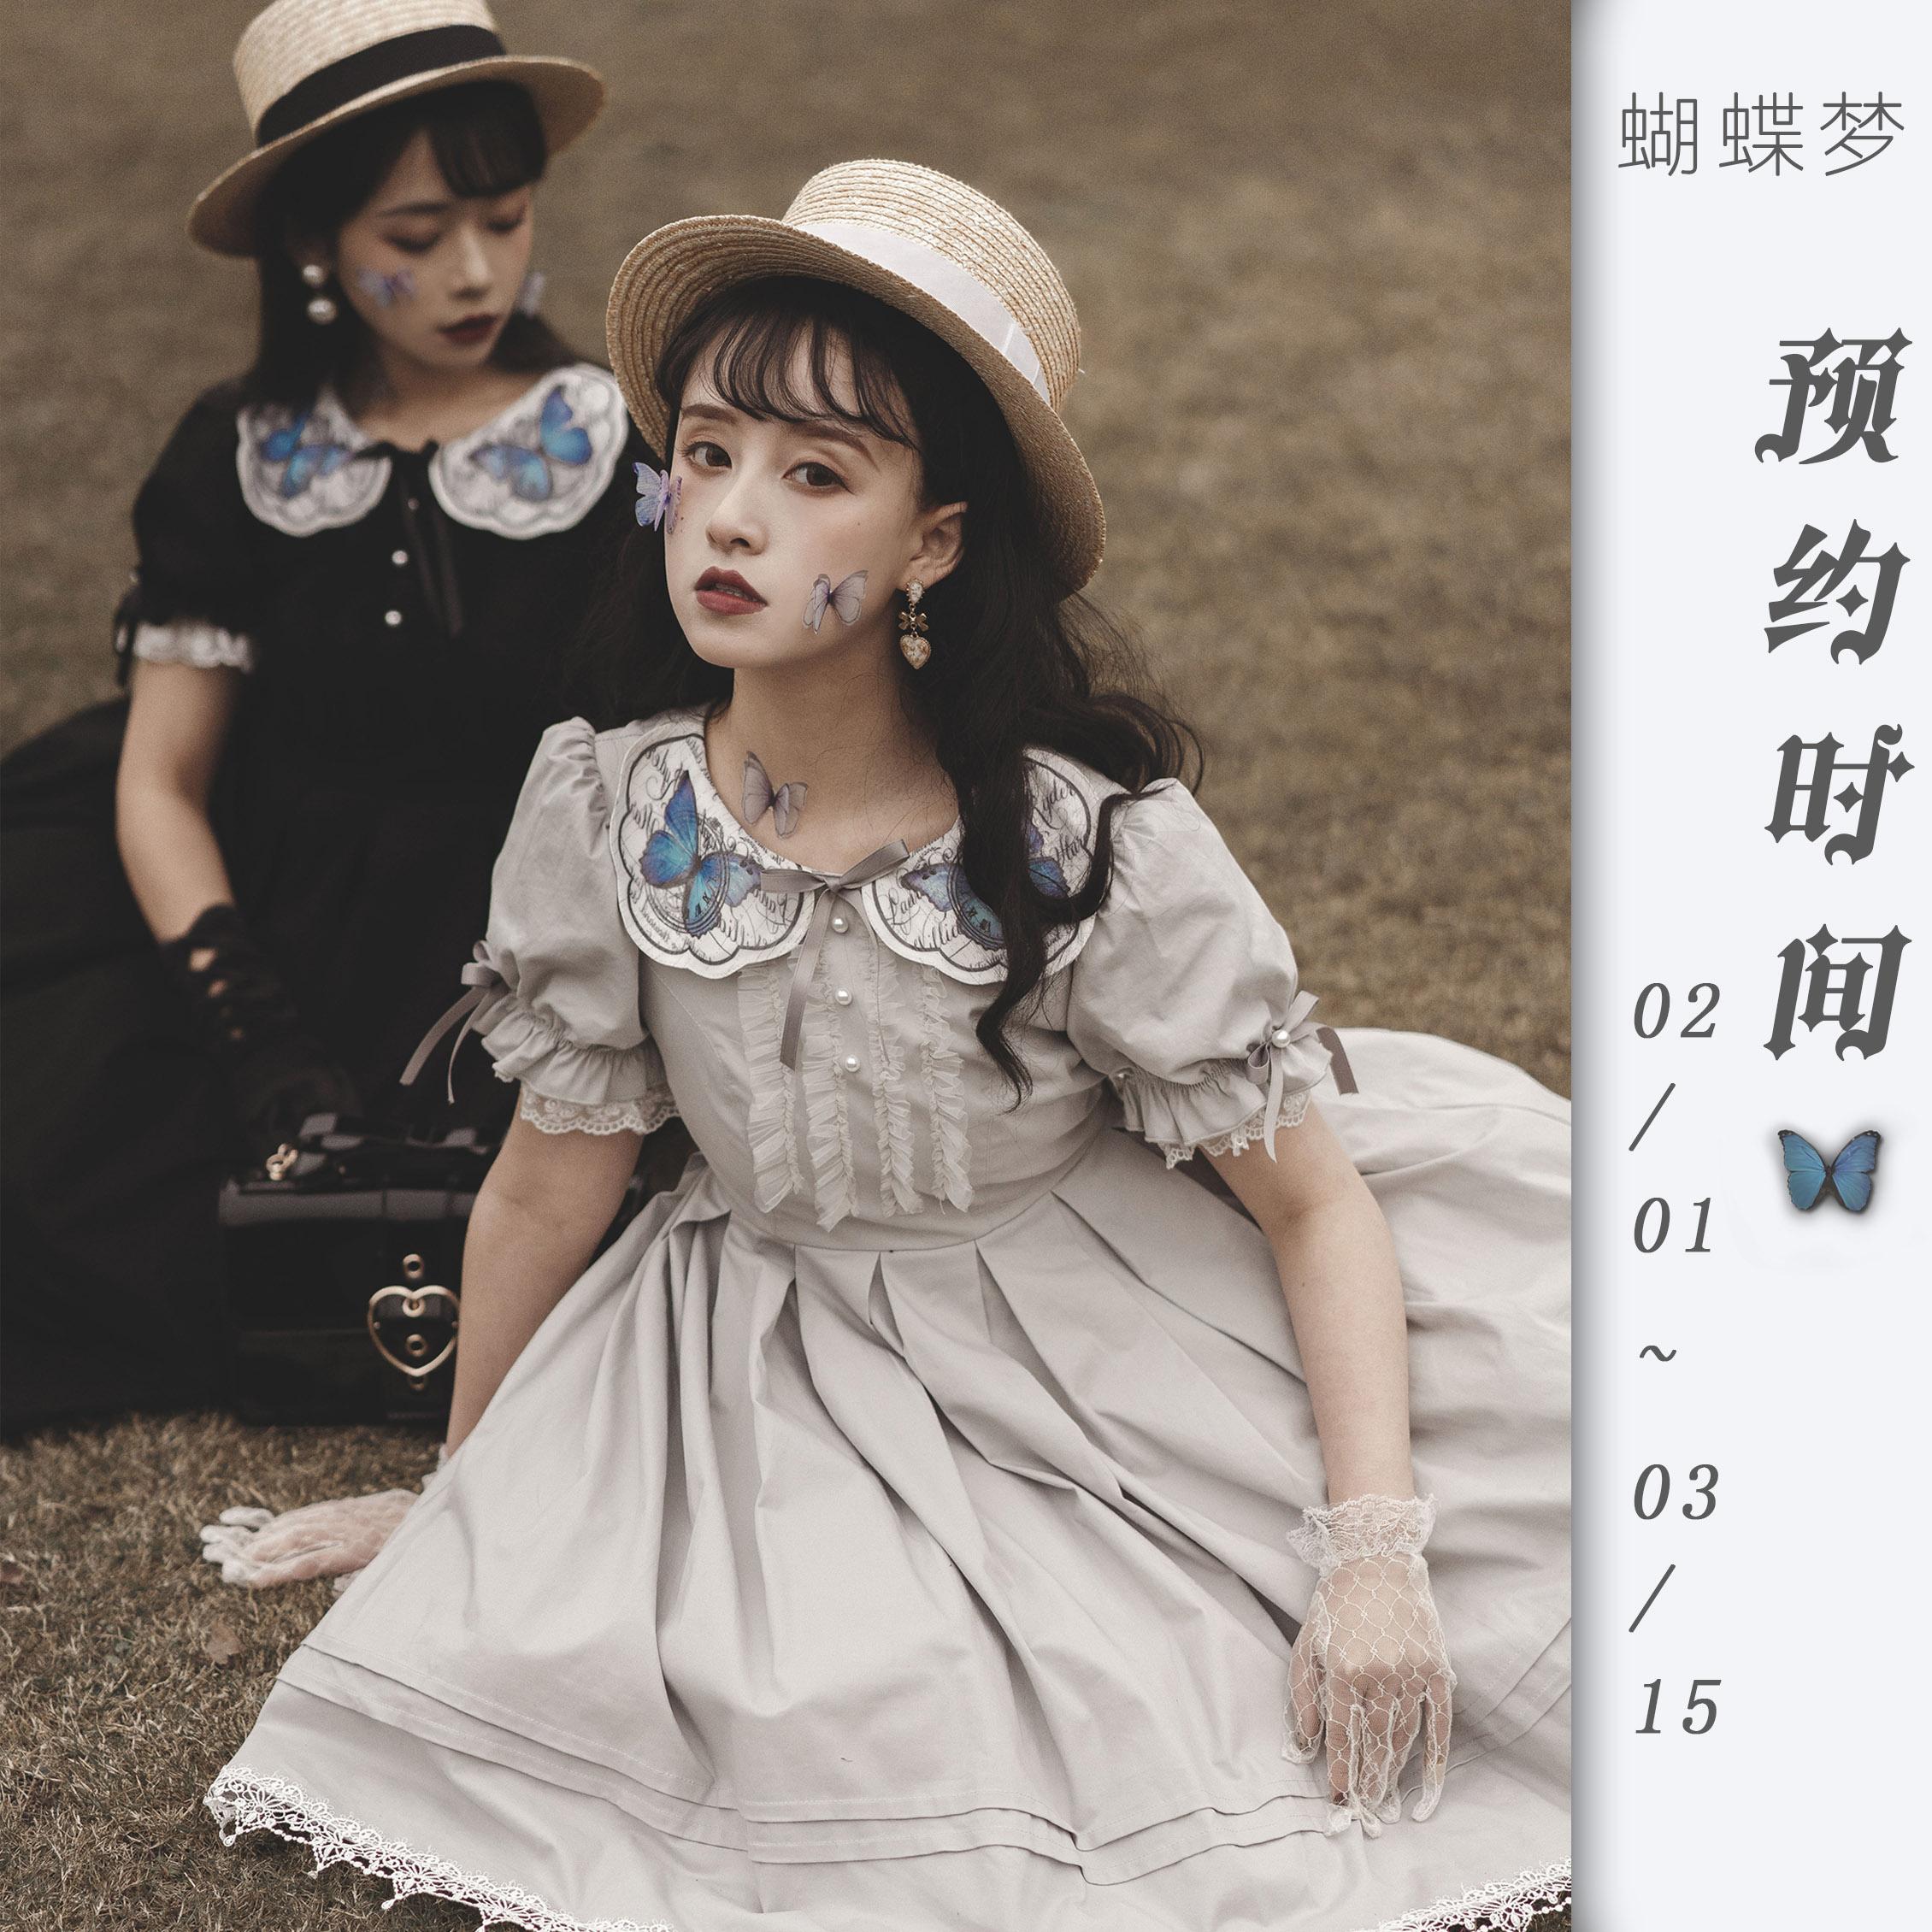 【蝴蝶梦定金页面2月1日上新】月亮河/短袖棉布印花背心连衣裙2色